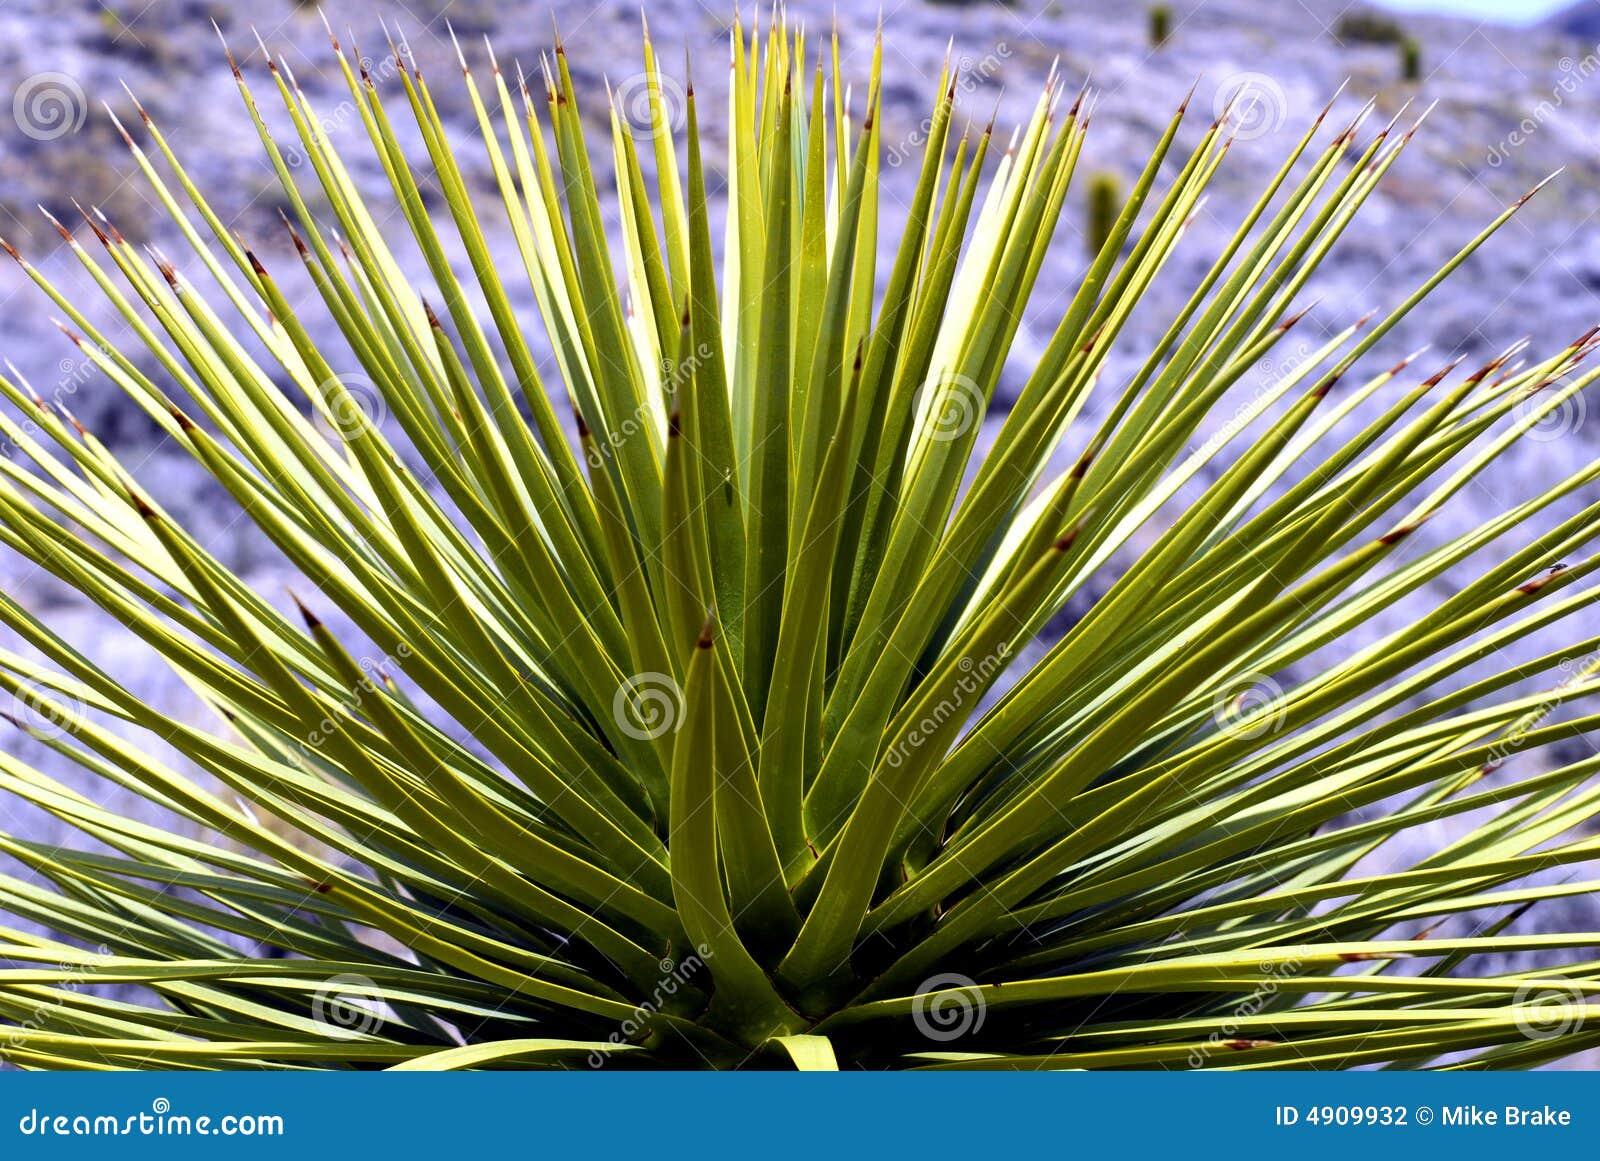 Del desierto de la yuca de la planta cierre para arriba for Yuca planta de exterior